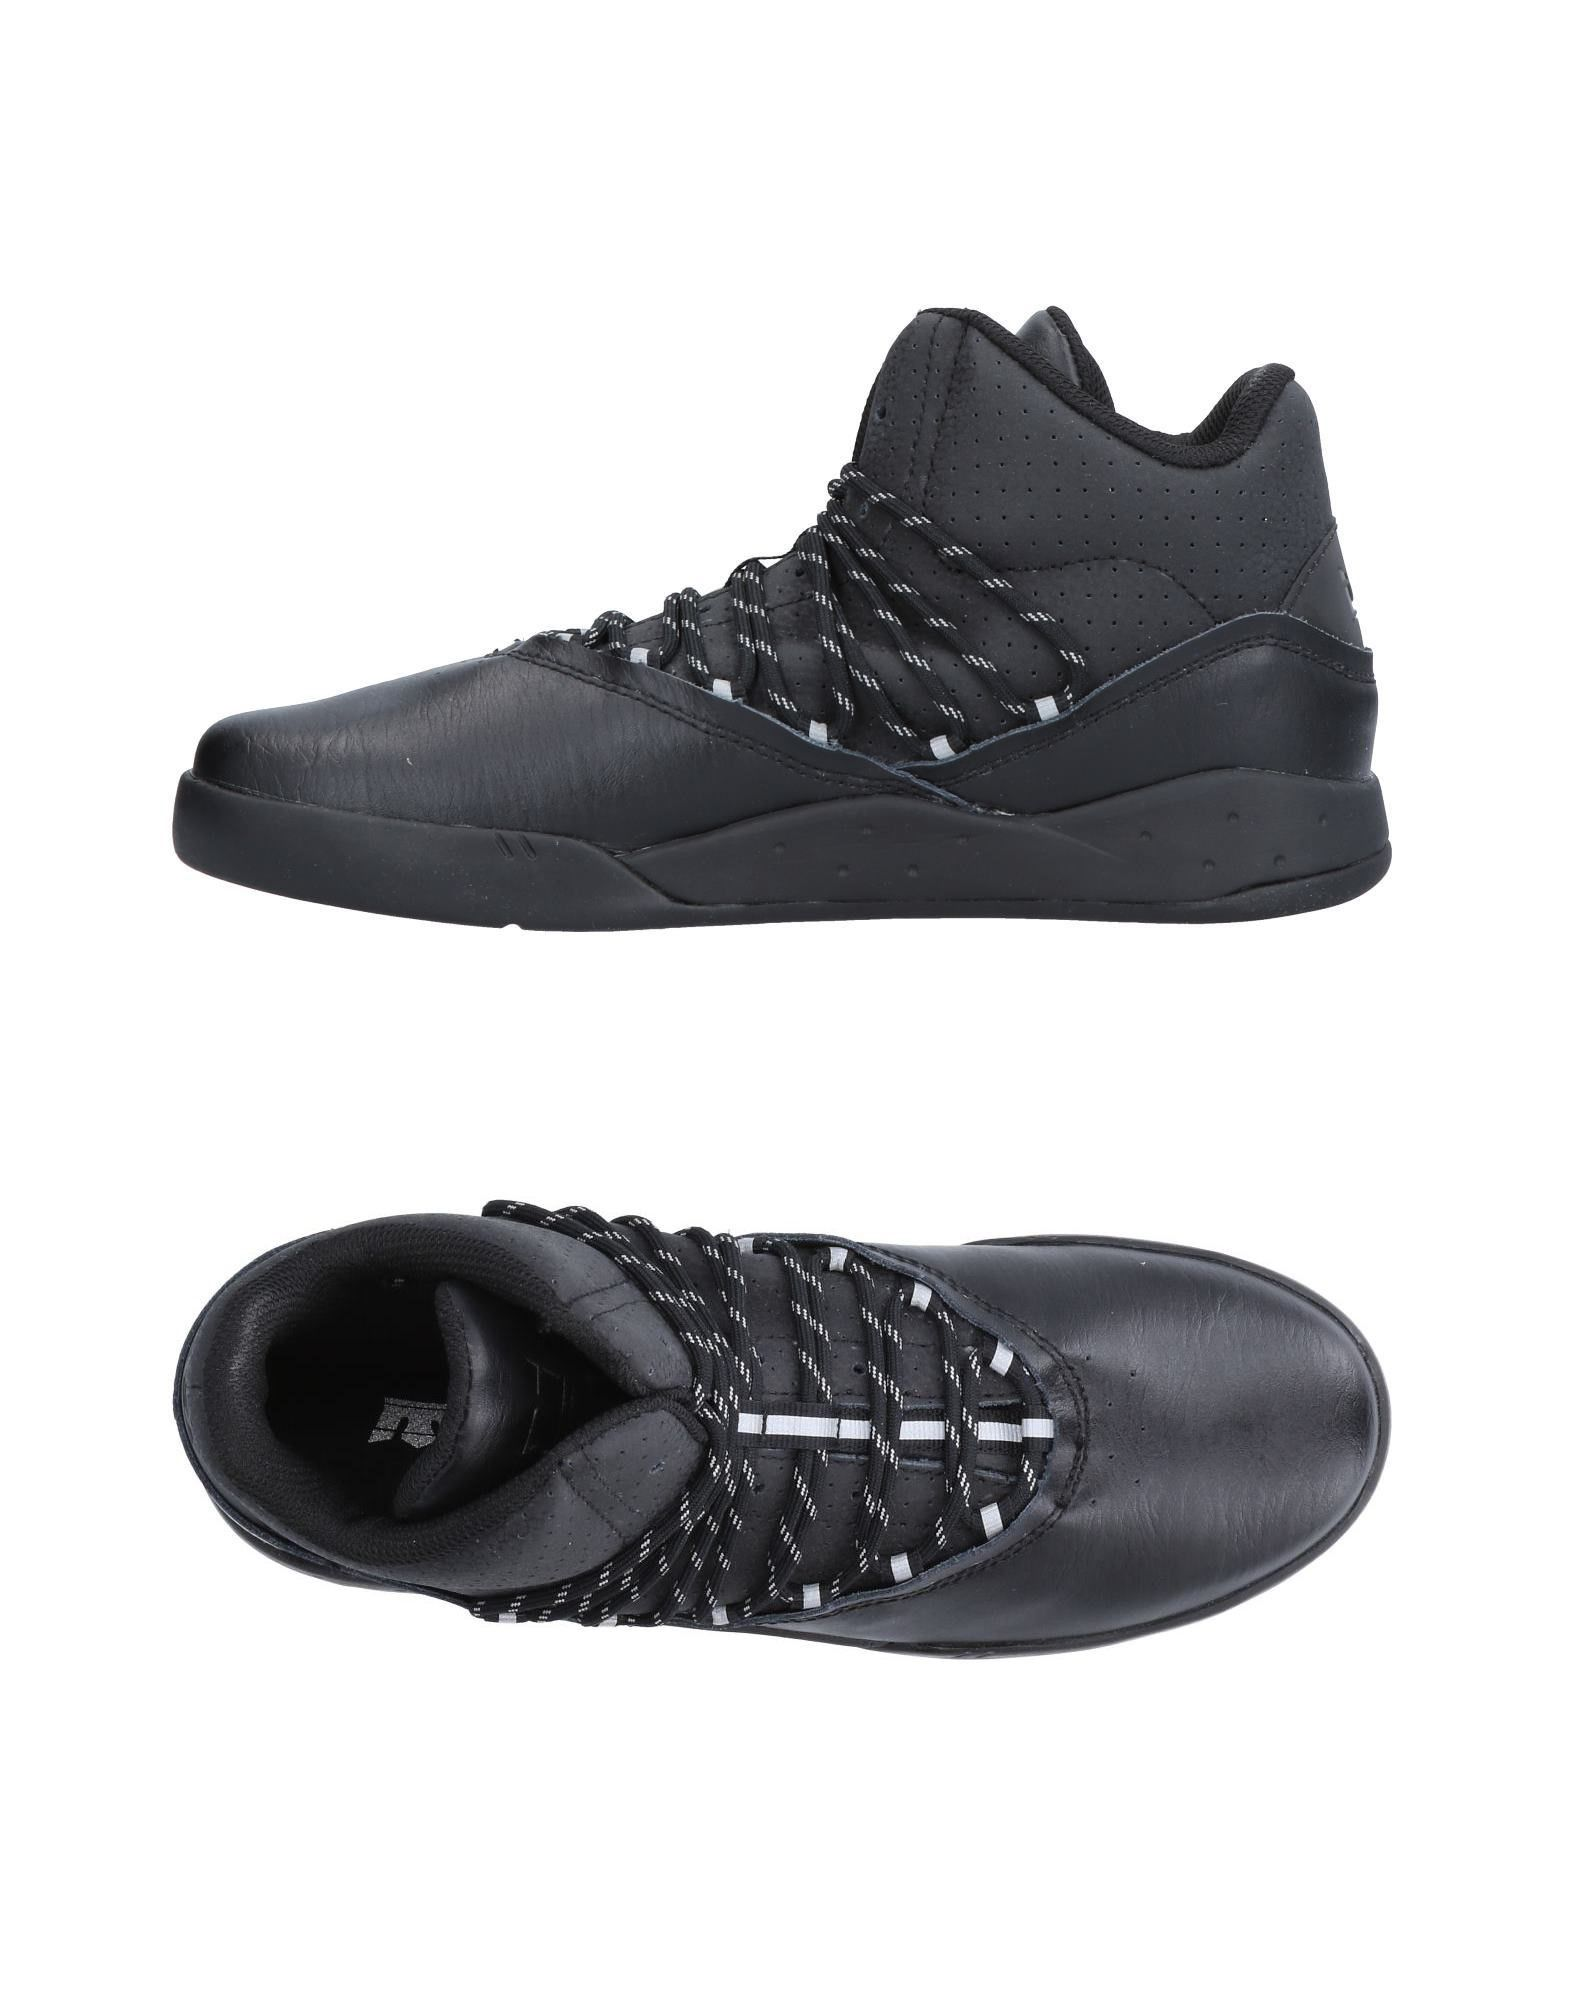 Moda Sneakers Supra Uomo - 11503382OP